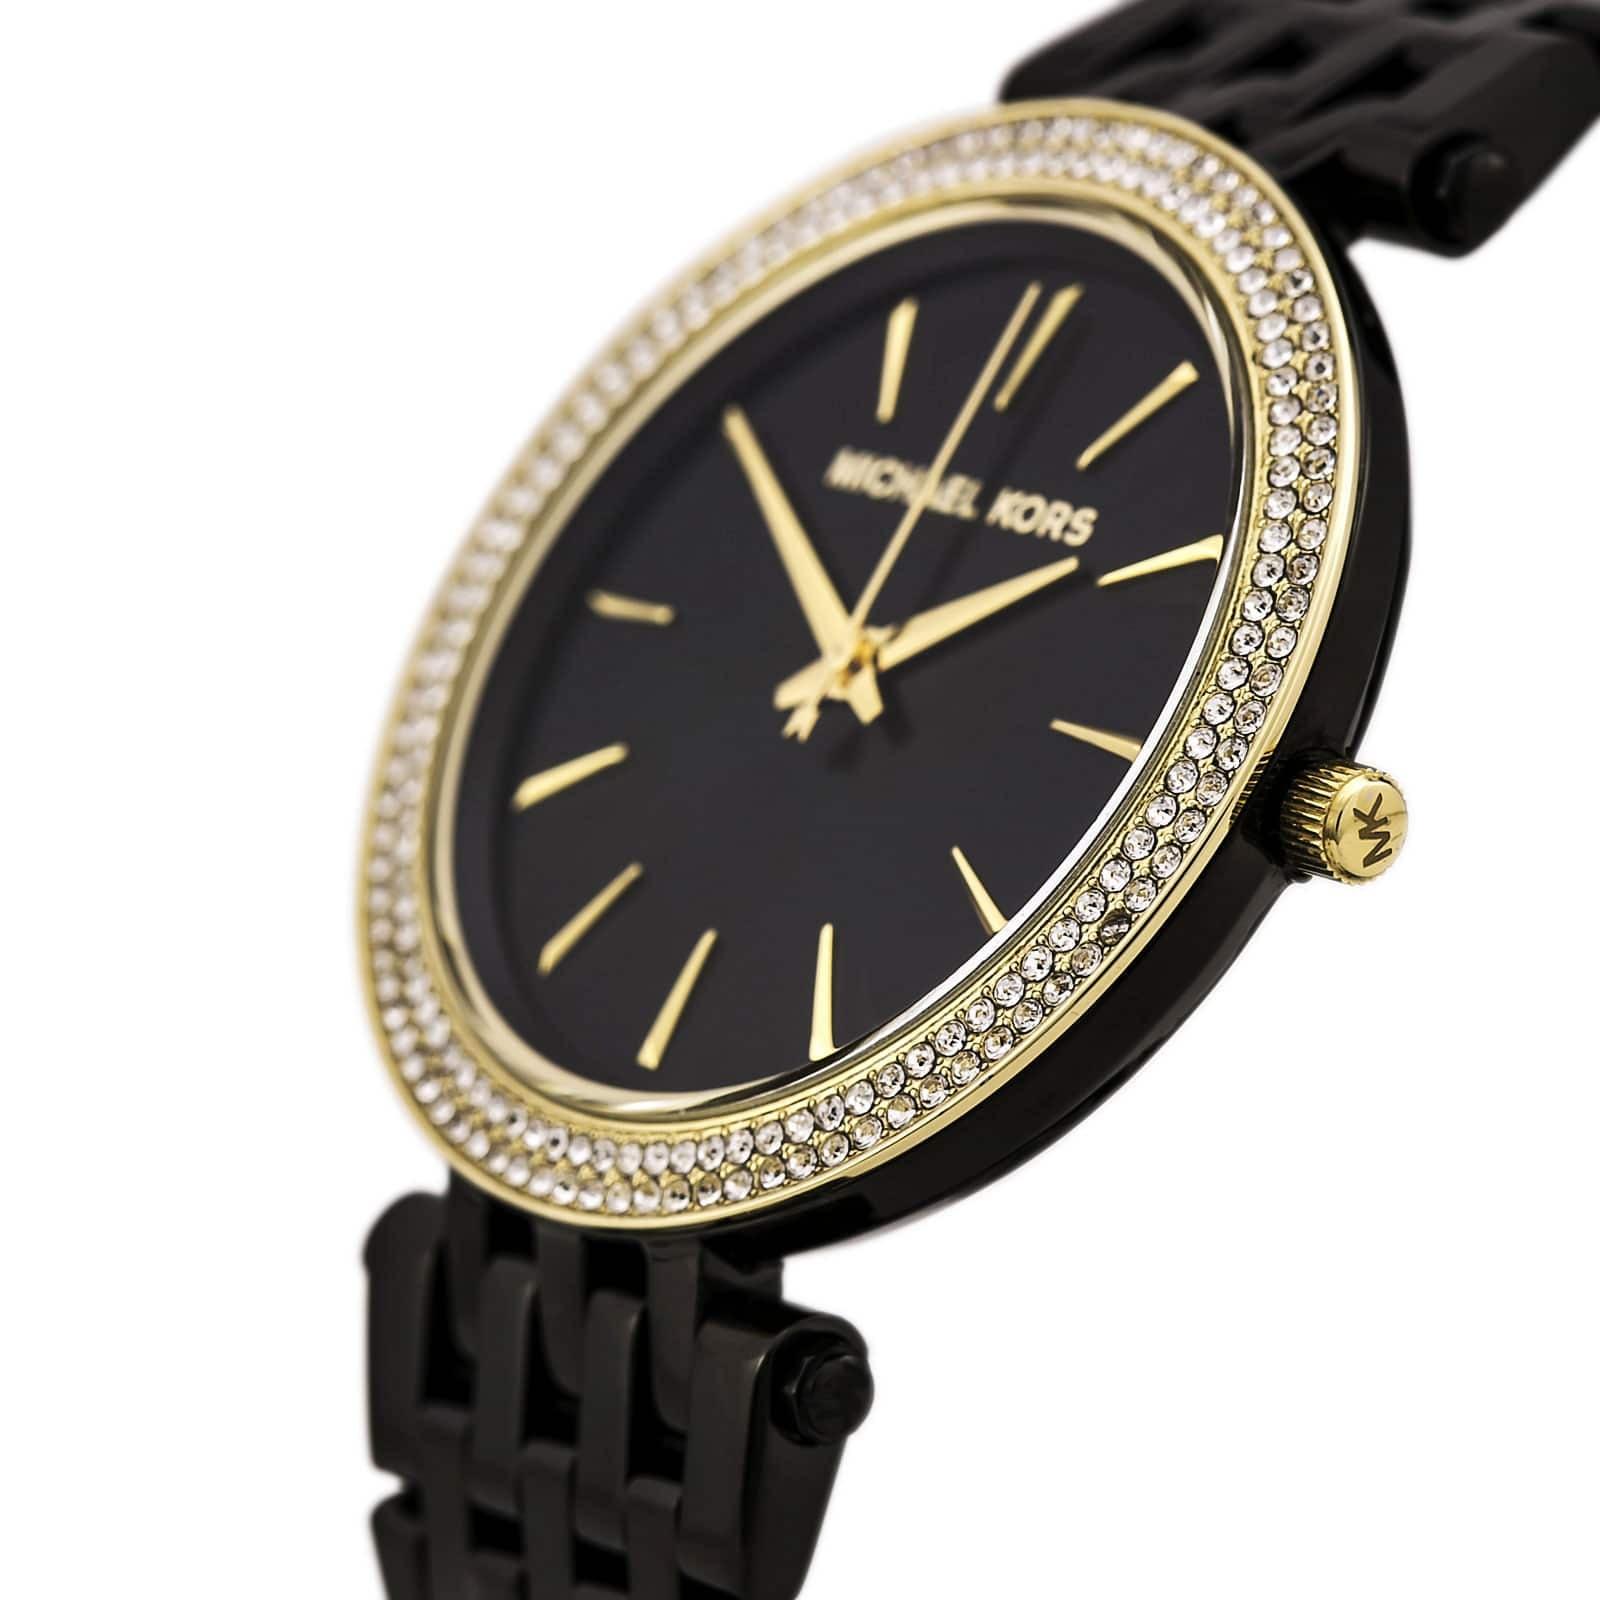 שעון מייקל קורס לנשים mk3322